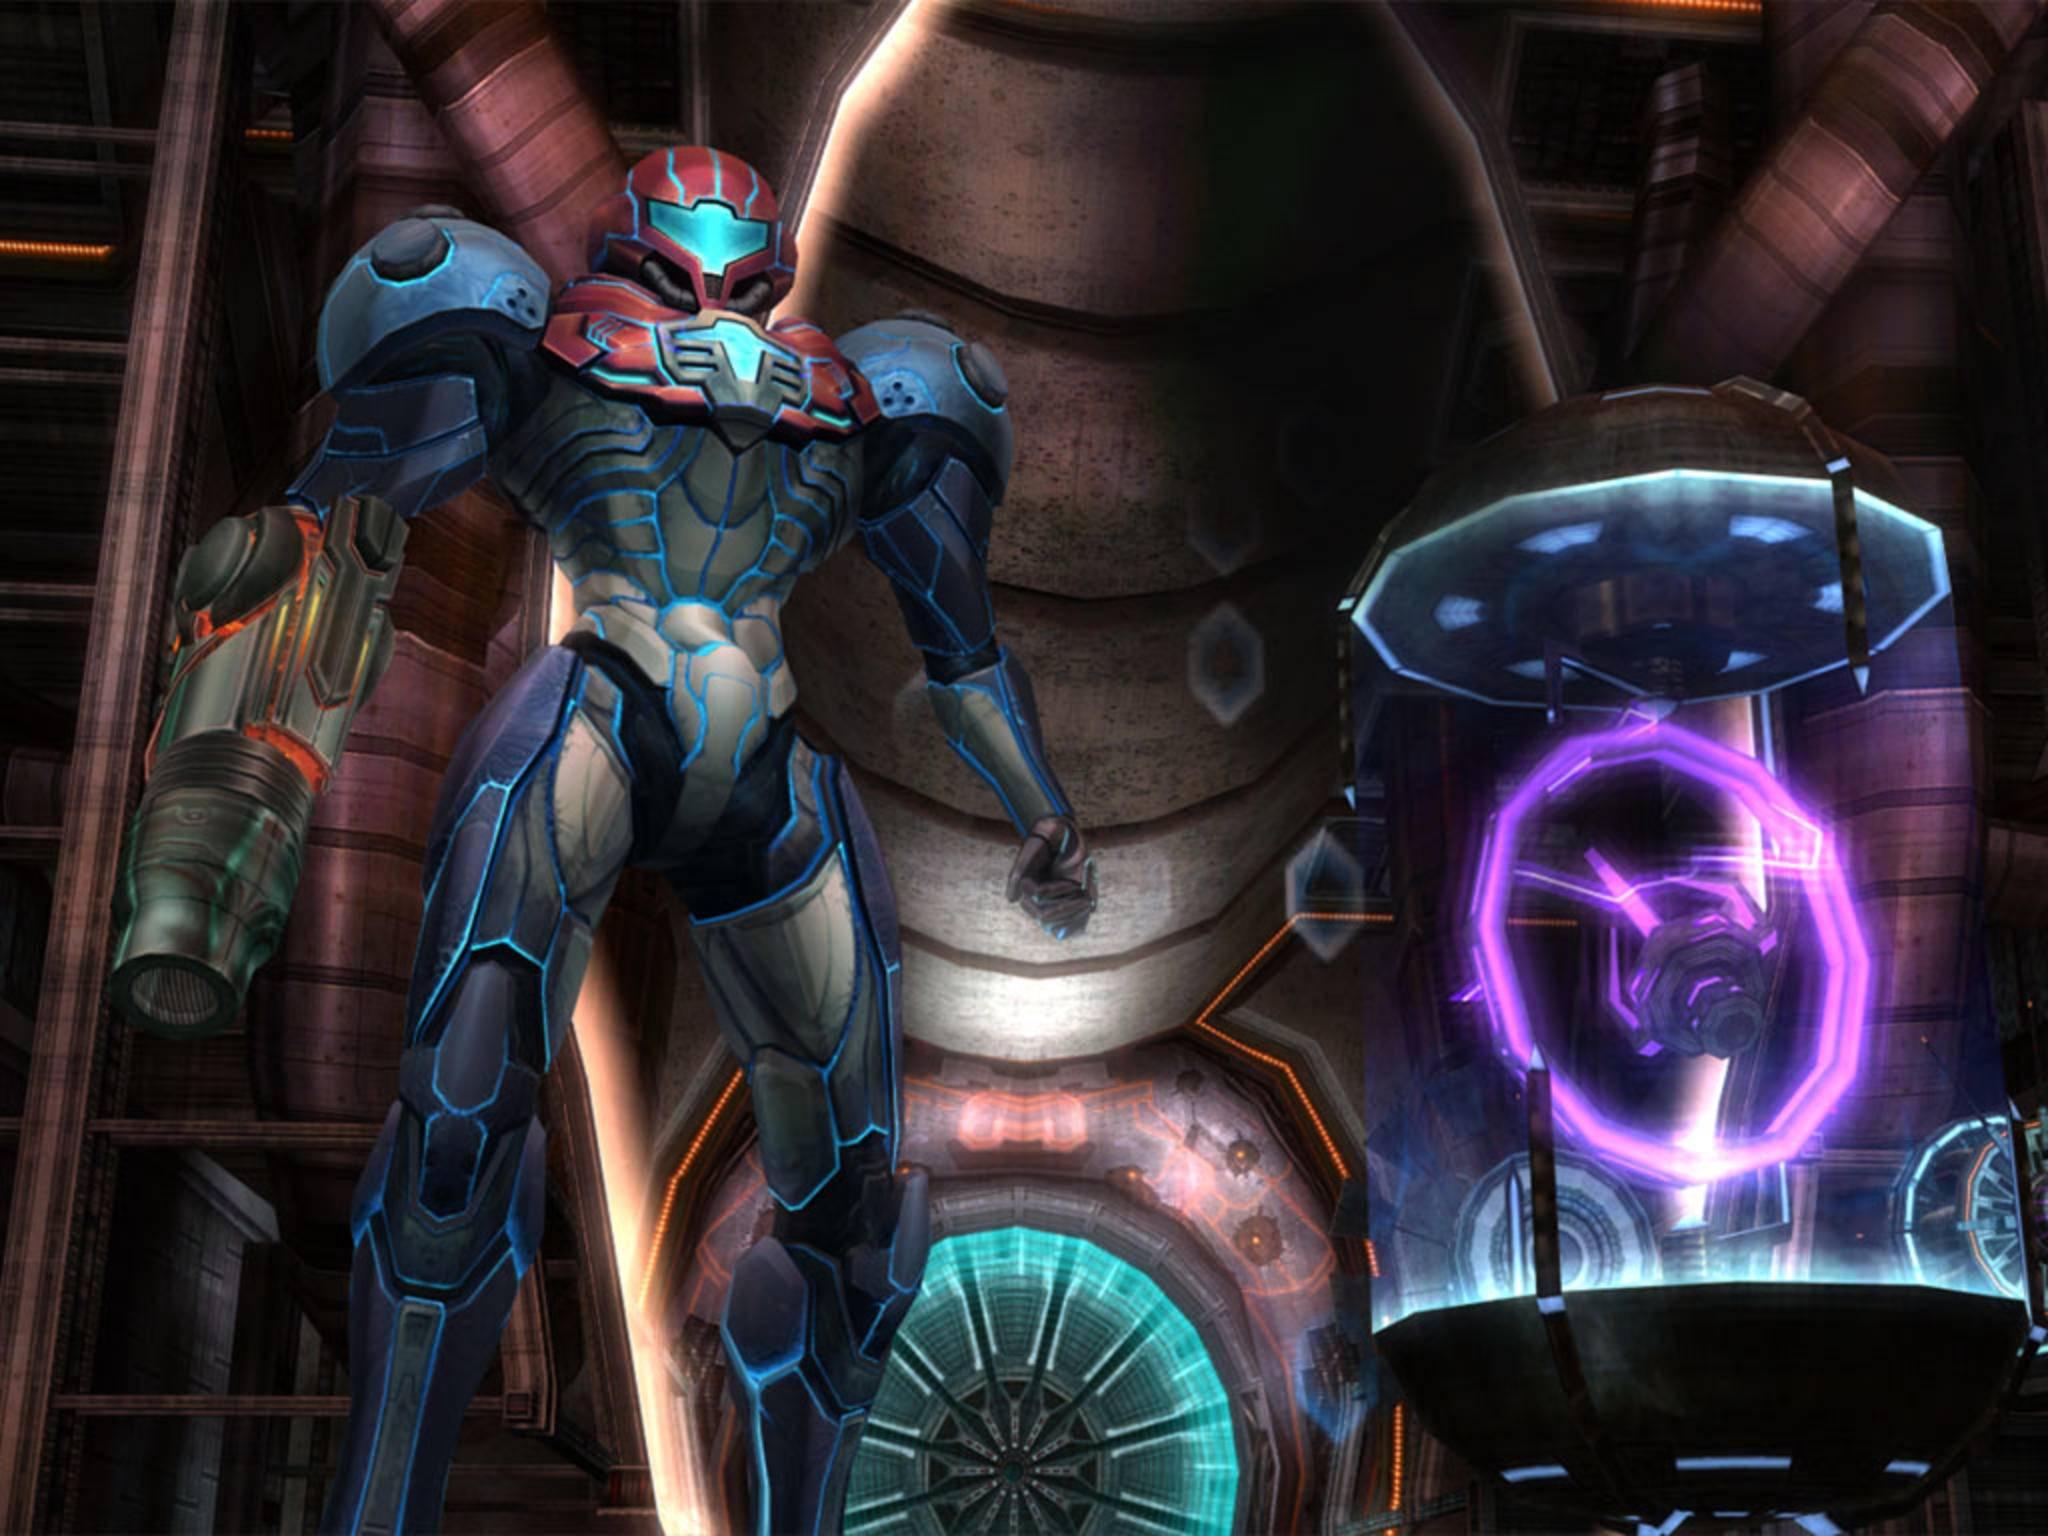 Metroid Prime für Wii U: Es wird Zeit, etwas drüber zu erfahren,